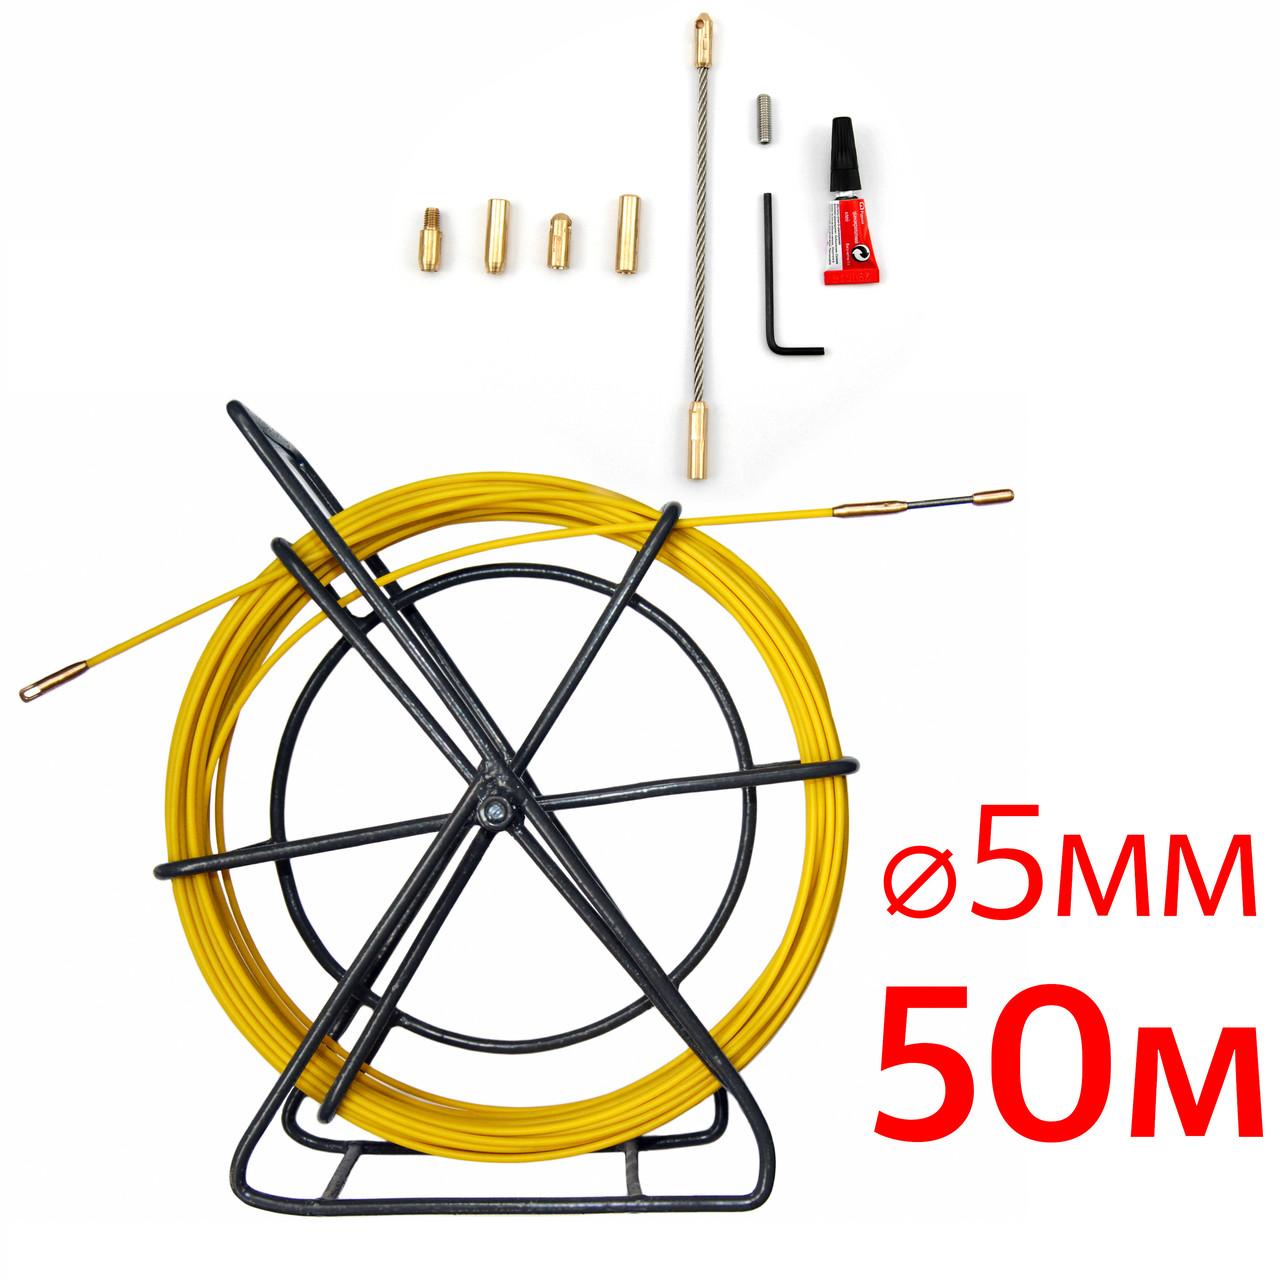 Кабельная протяжка, стеклопруток 5мм х 50м + 7 наконечников на тележке